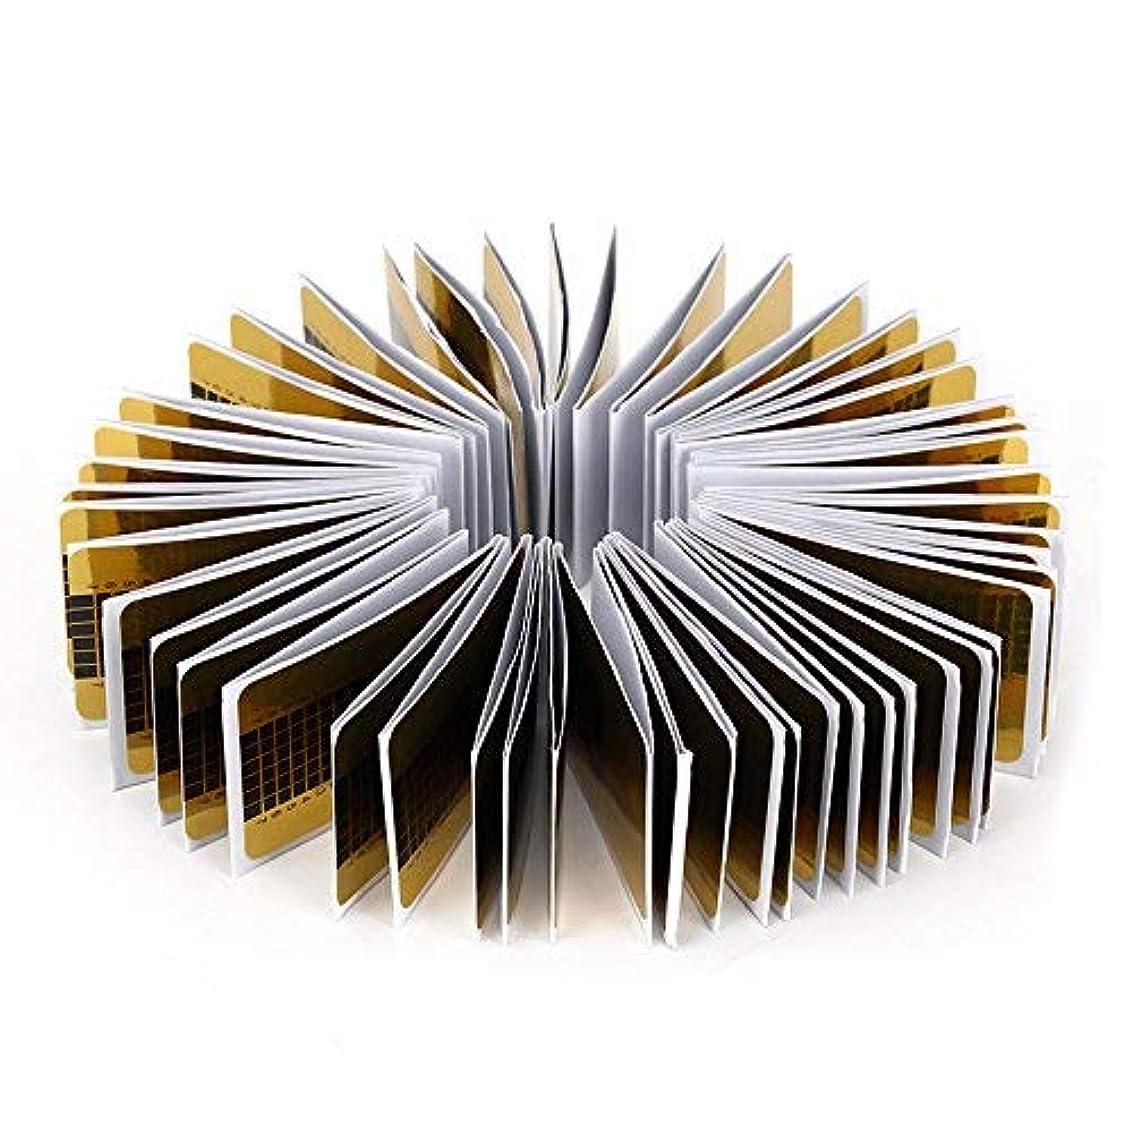 花束端こねるAomgsd ネイルフォーム 長さだしジェルネイルフォーム プロ用 使い捨て 紙製 100枚入れ